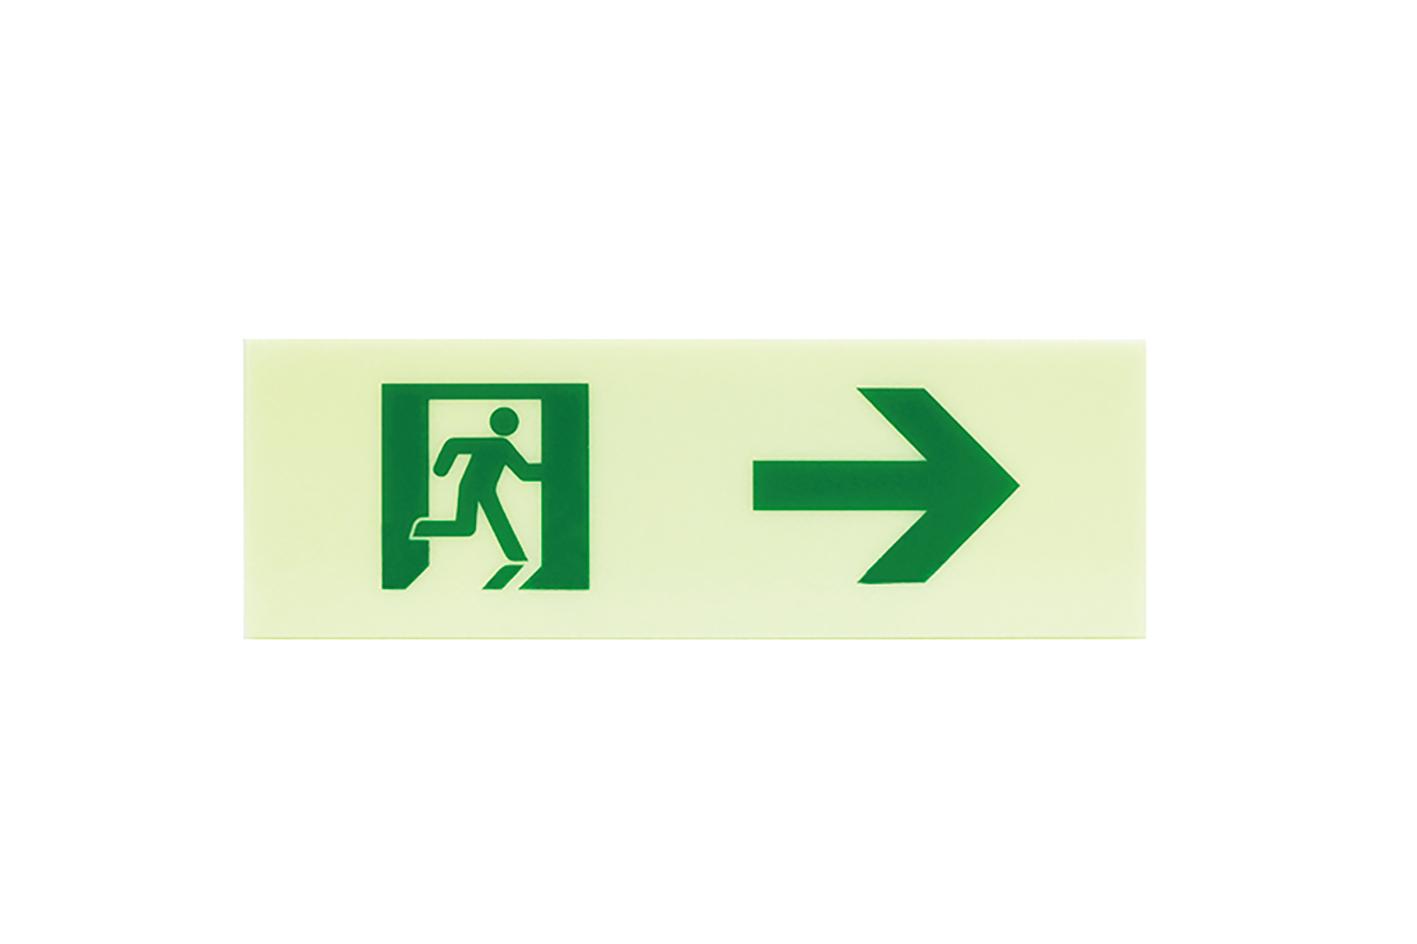 ルナウェアセーフティーサイン床用 避難方向明示物右矢印 高輝度蓄光式避難誘導標識 東京消防庁規格適合品 地下通路安全対策 床施工誘導標識 地下通路停電対策 タイの洞窟救出ルナウェア